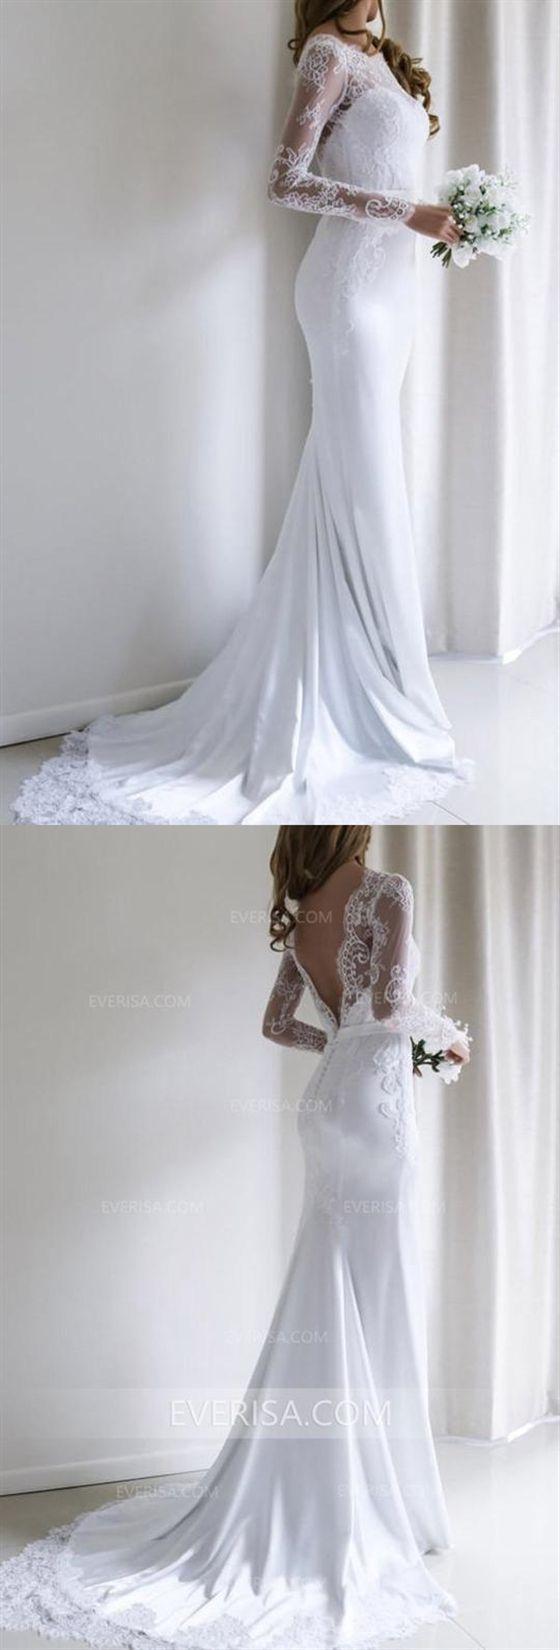 Nuovi abiti da sposa in raso bianco senza maniche a maniche lunghe con pizzo